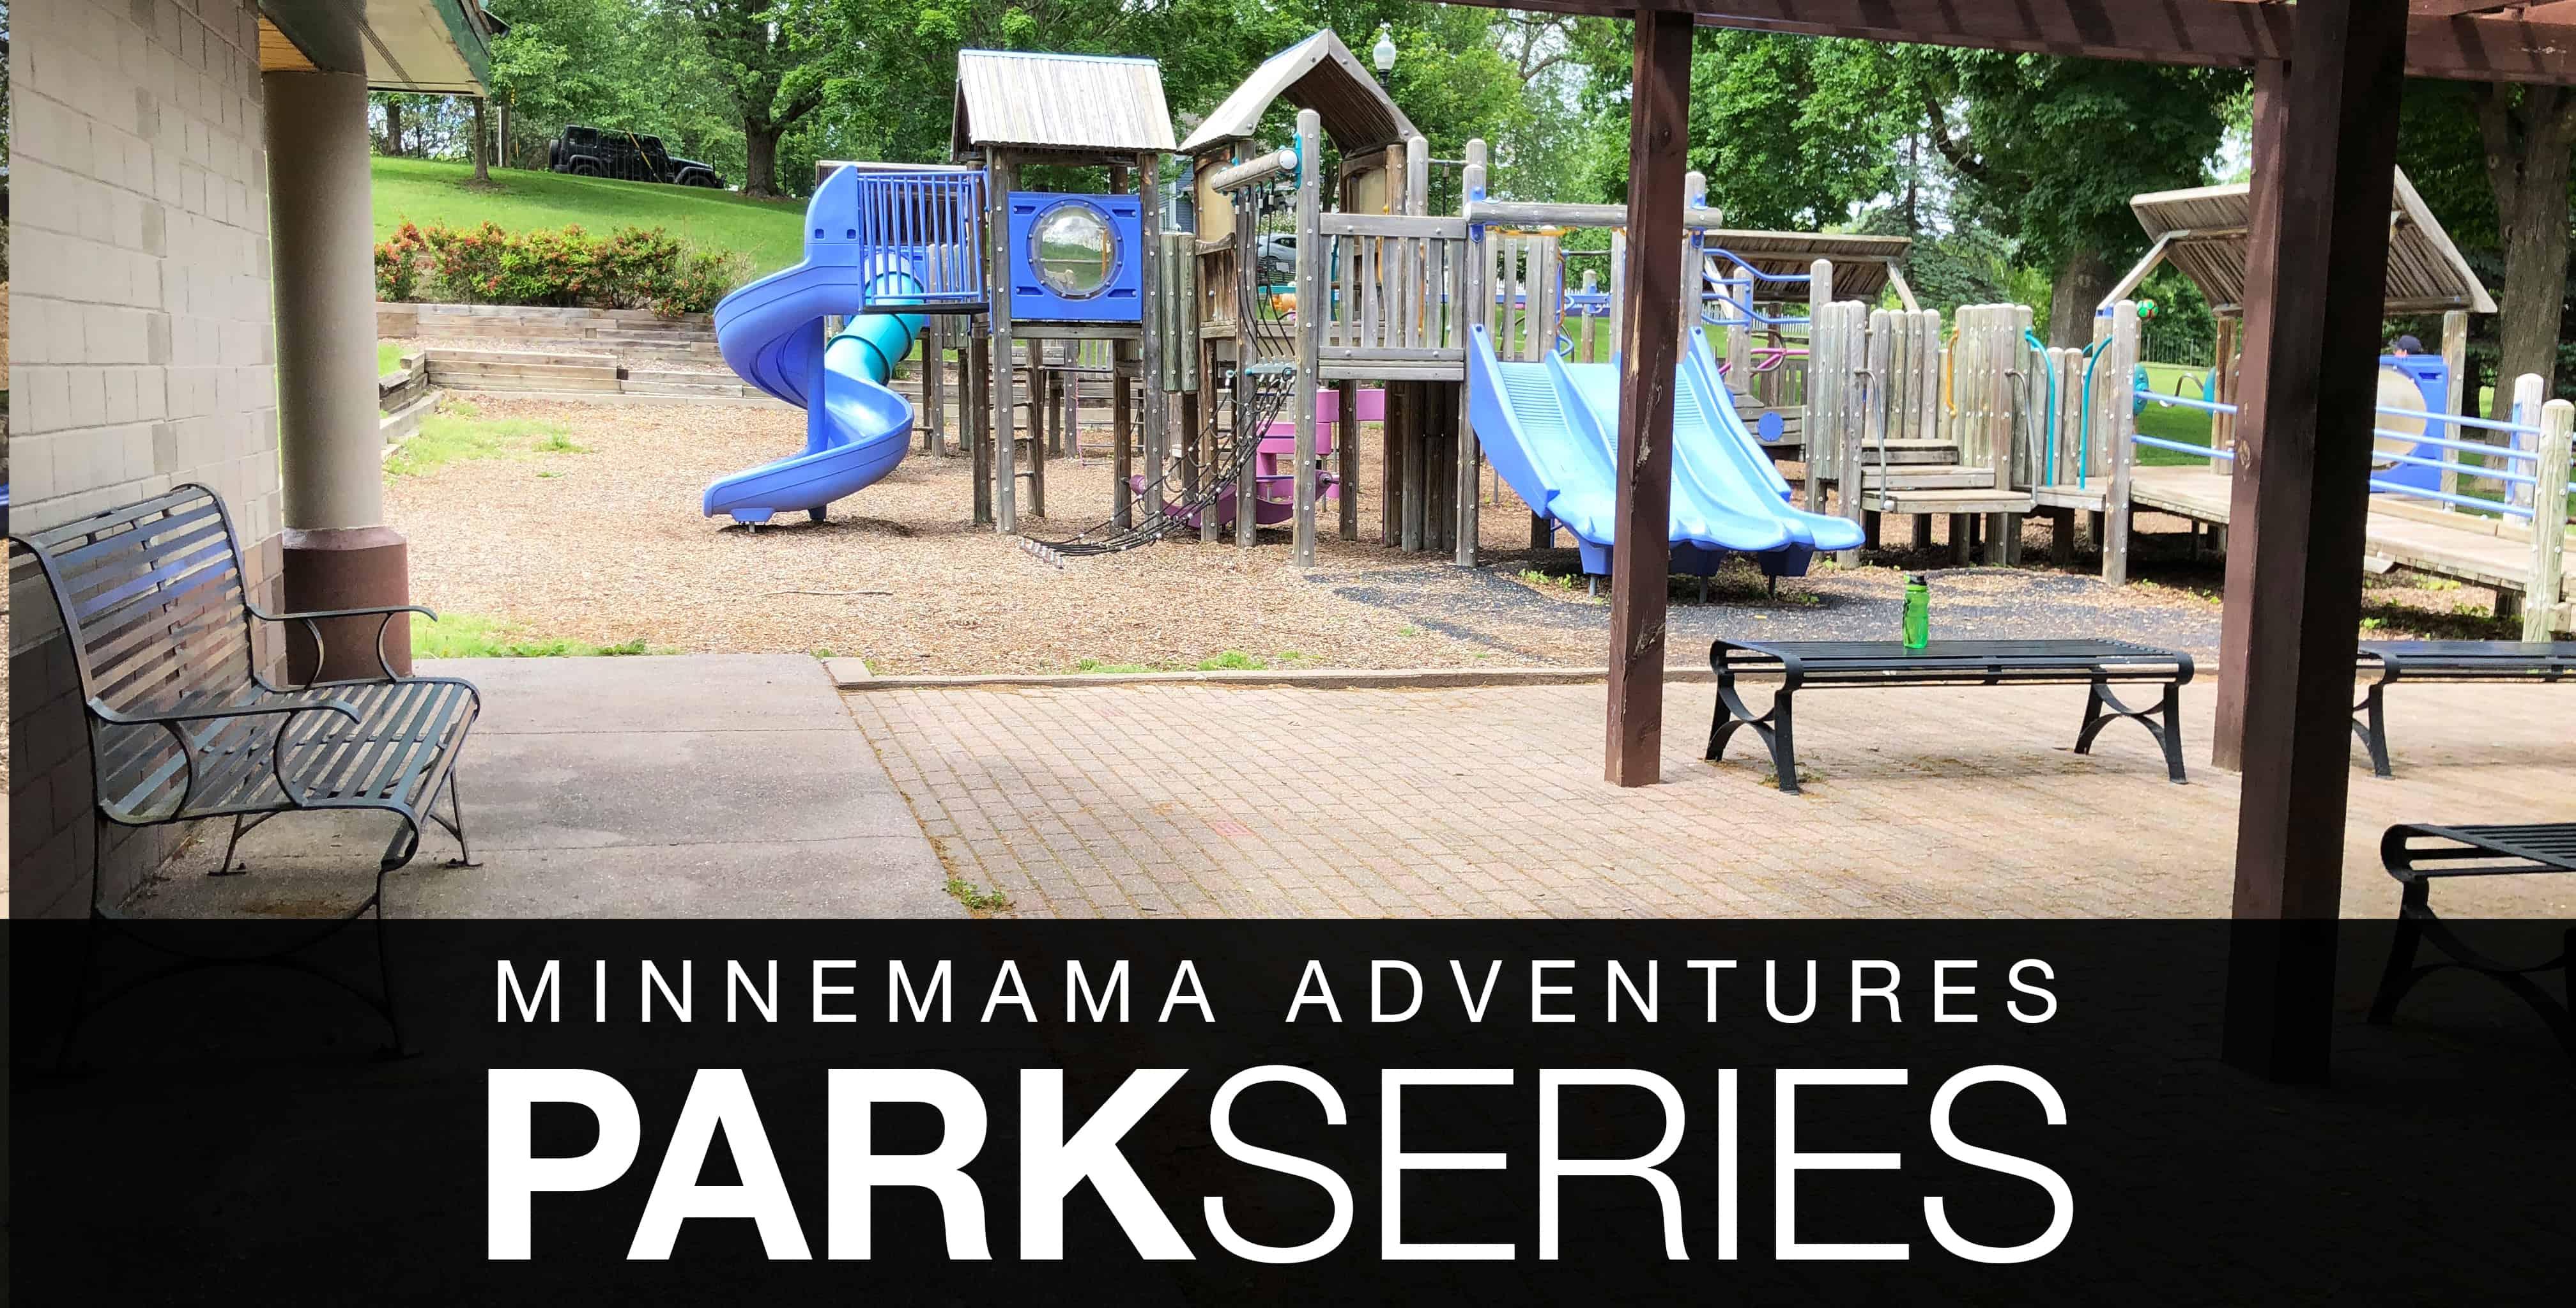 Park Series Pioneer Park